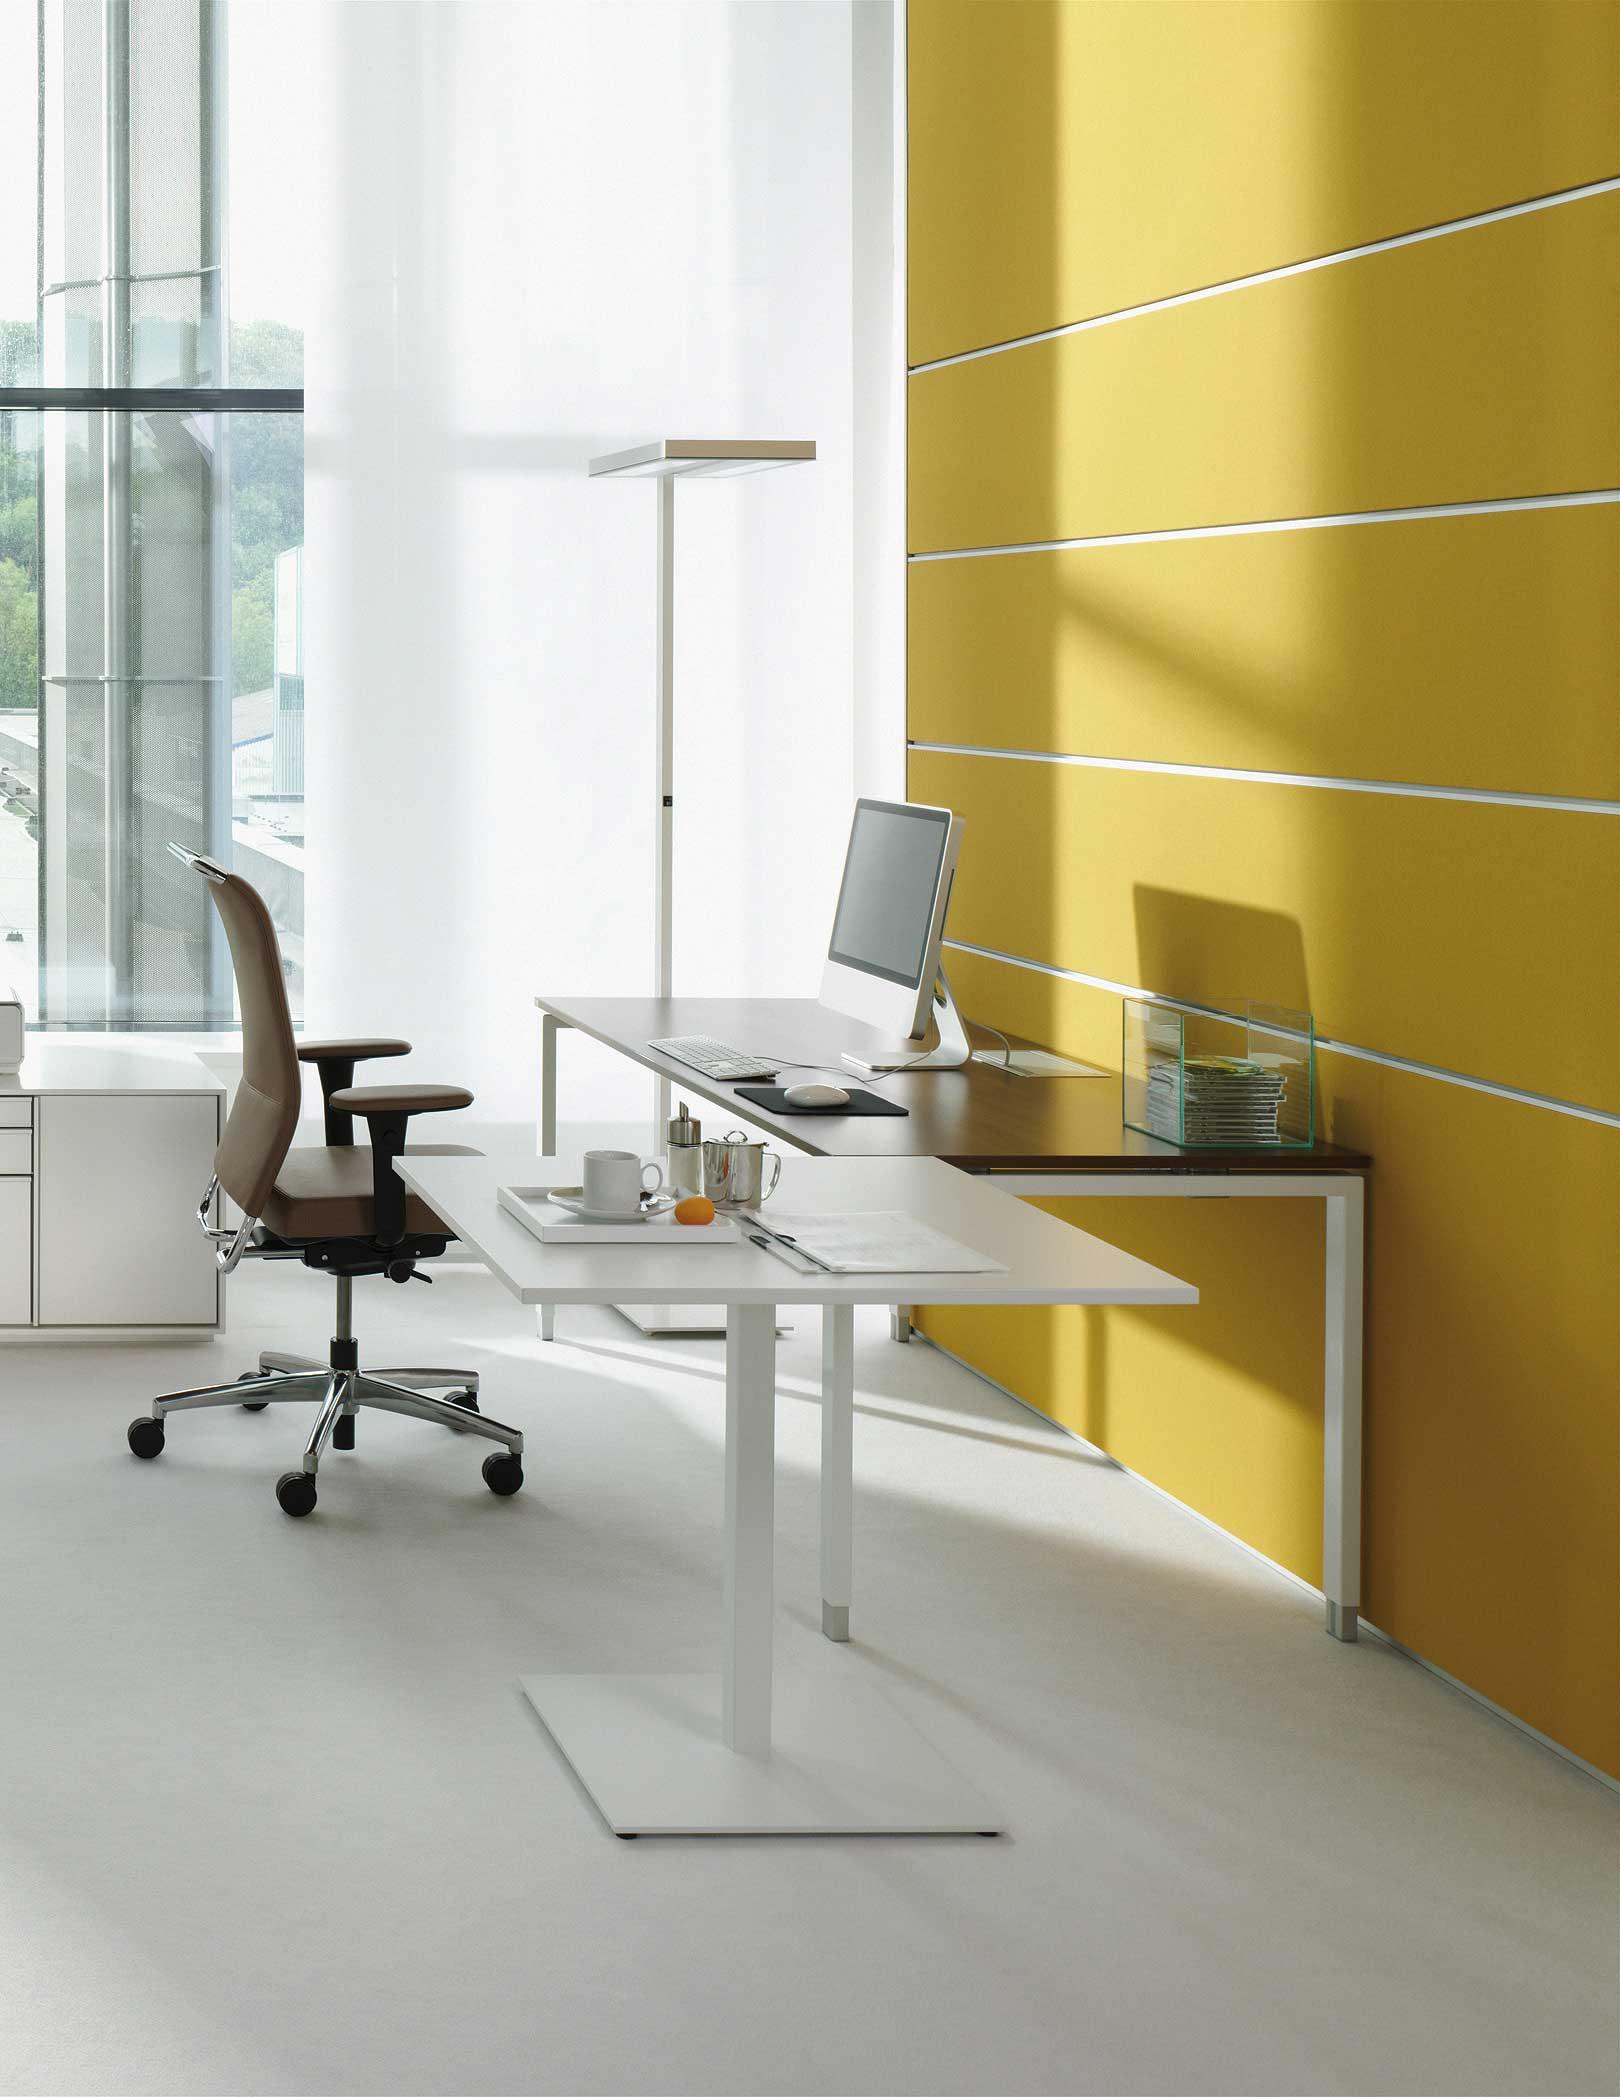 hali Büromöbel, s421, Rechtecktisch, Schreibtisch, Büroarbeitstisch, arbeiten, Büro, Office, Tisch, Quadrattisch, Besprechungstisch